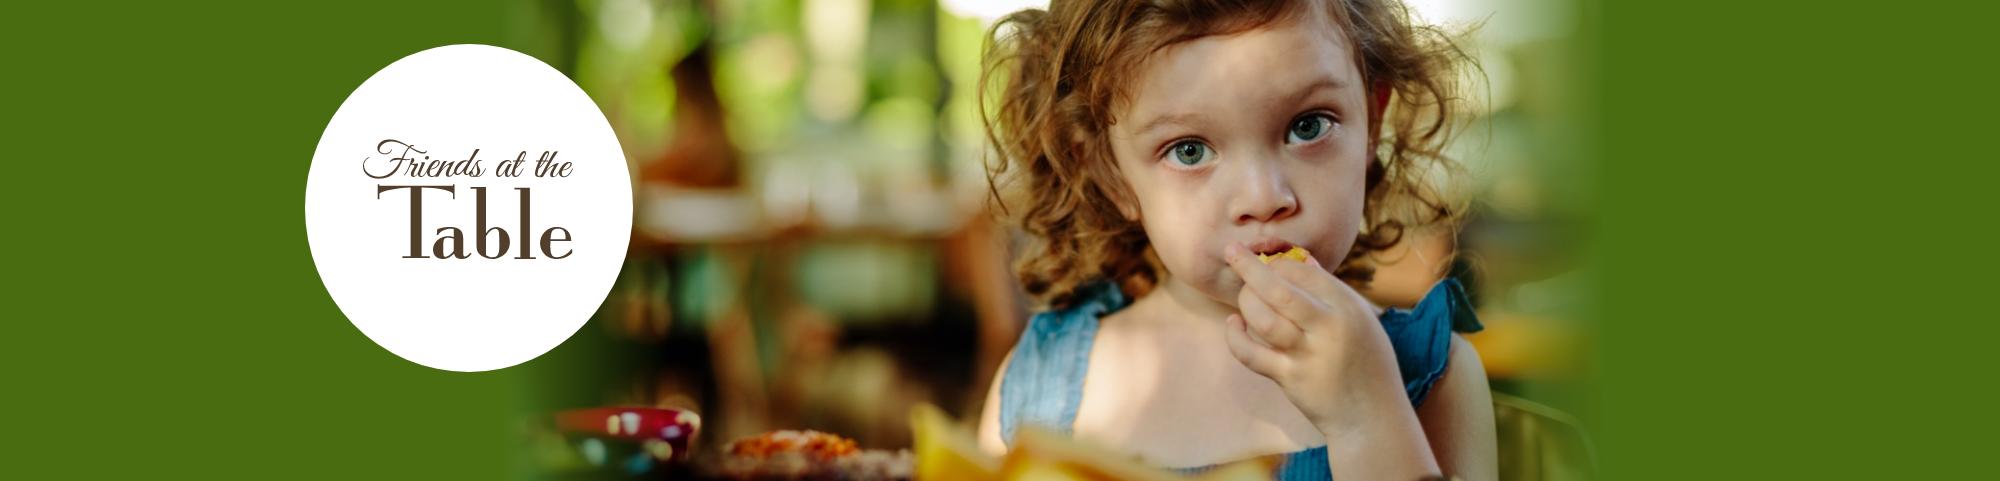 Little girl eating fruit